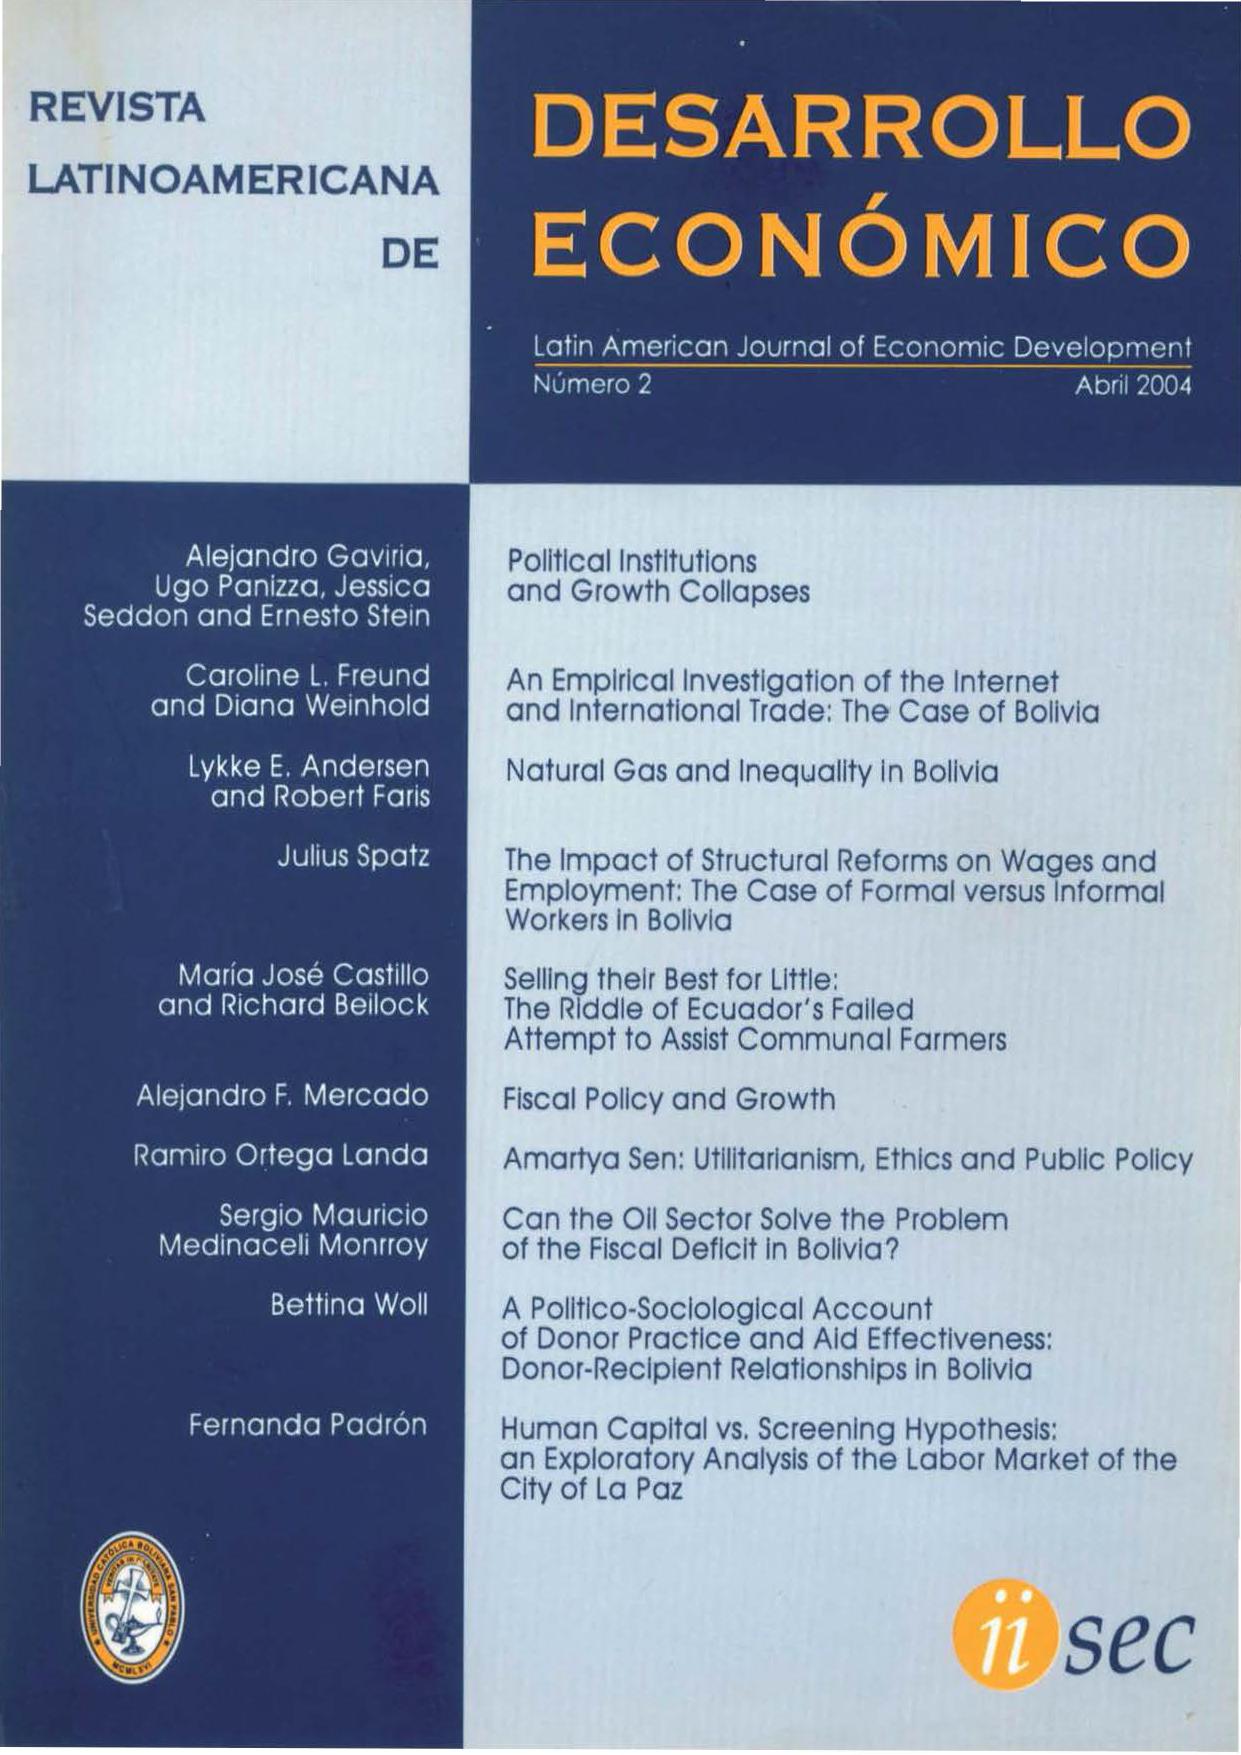 Revista Latinoamericana de Desarrollo Económico No. 2